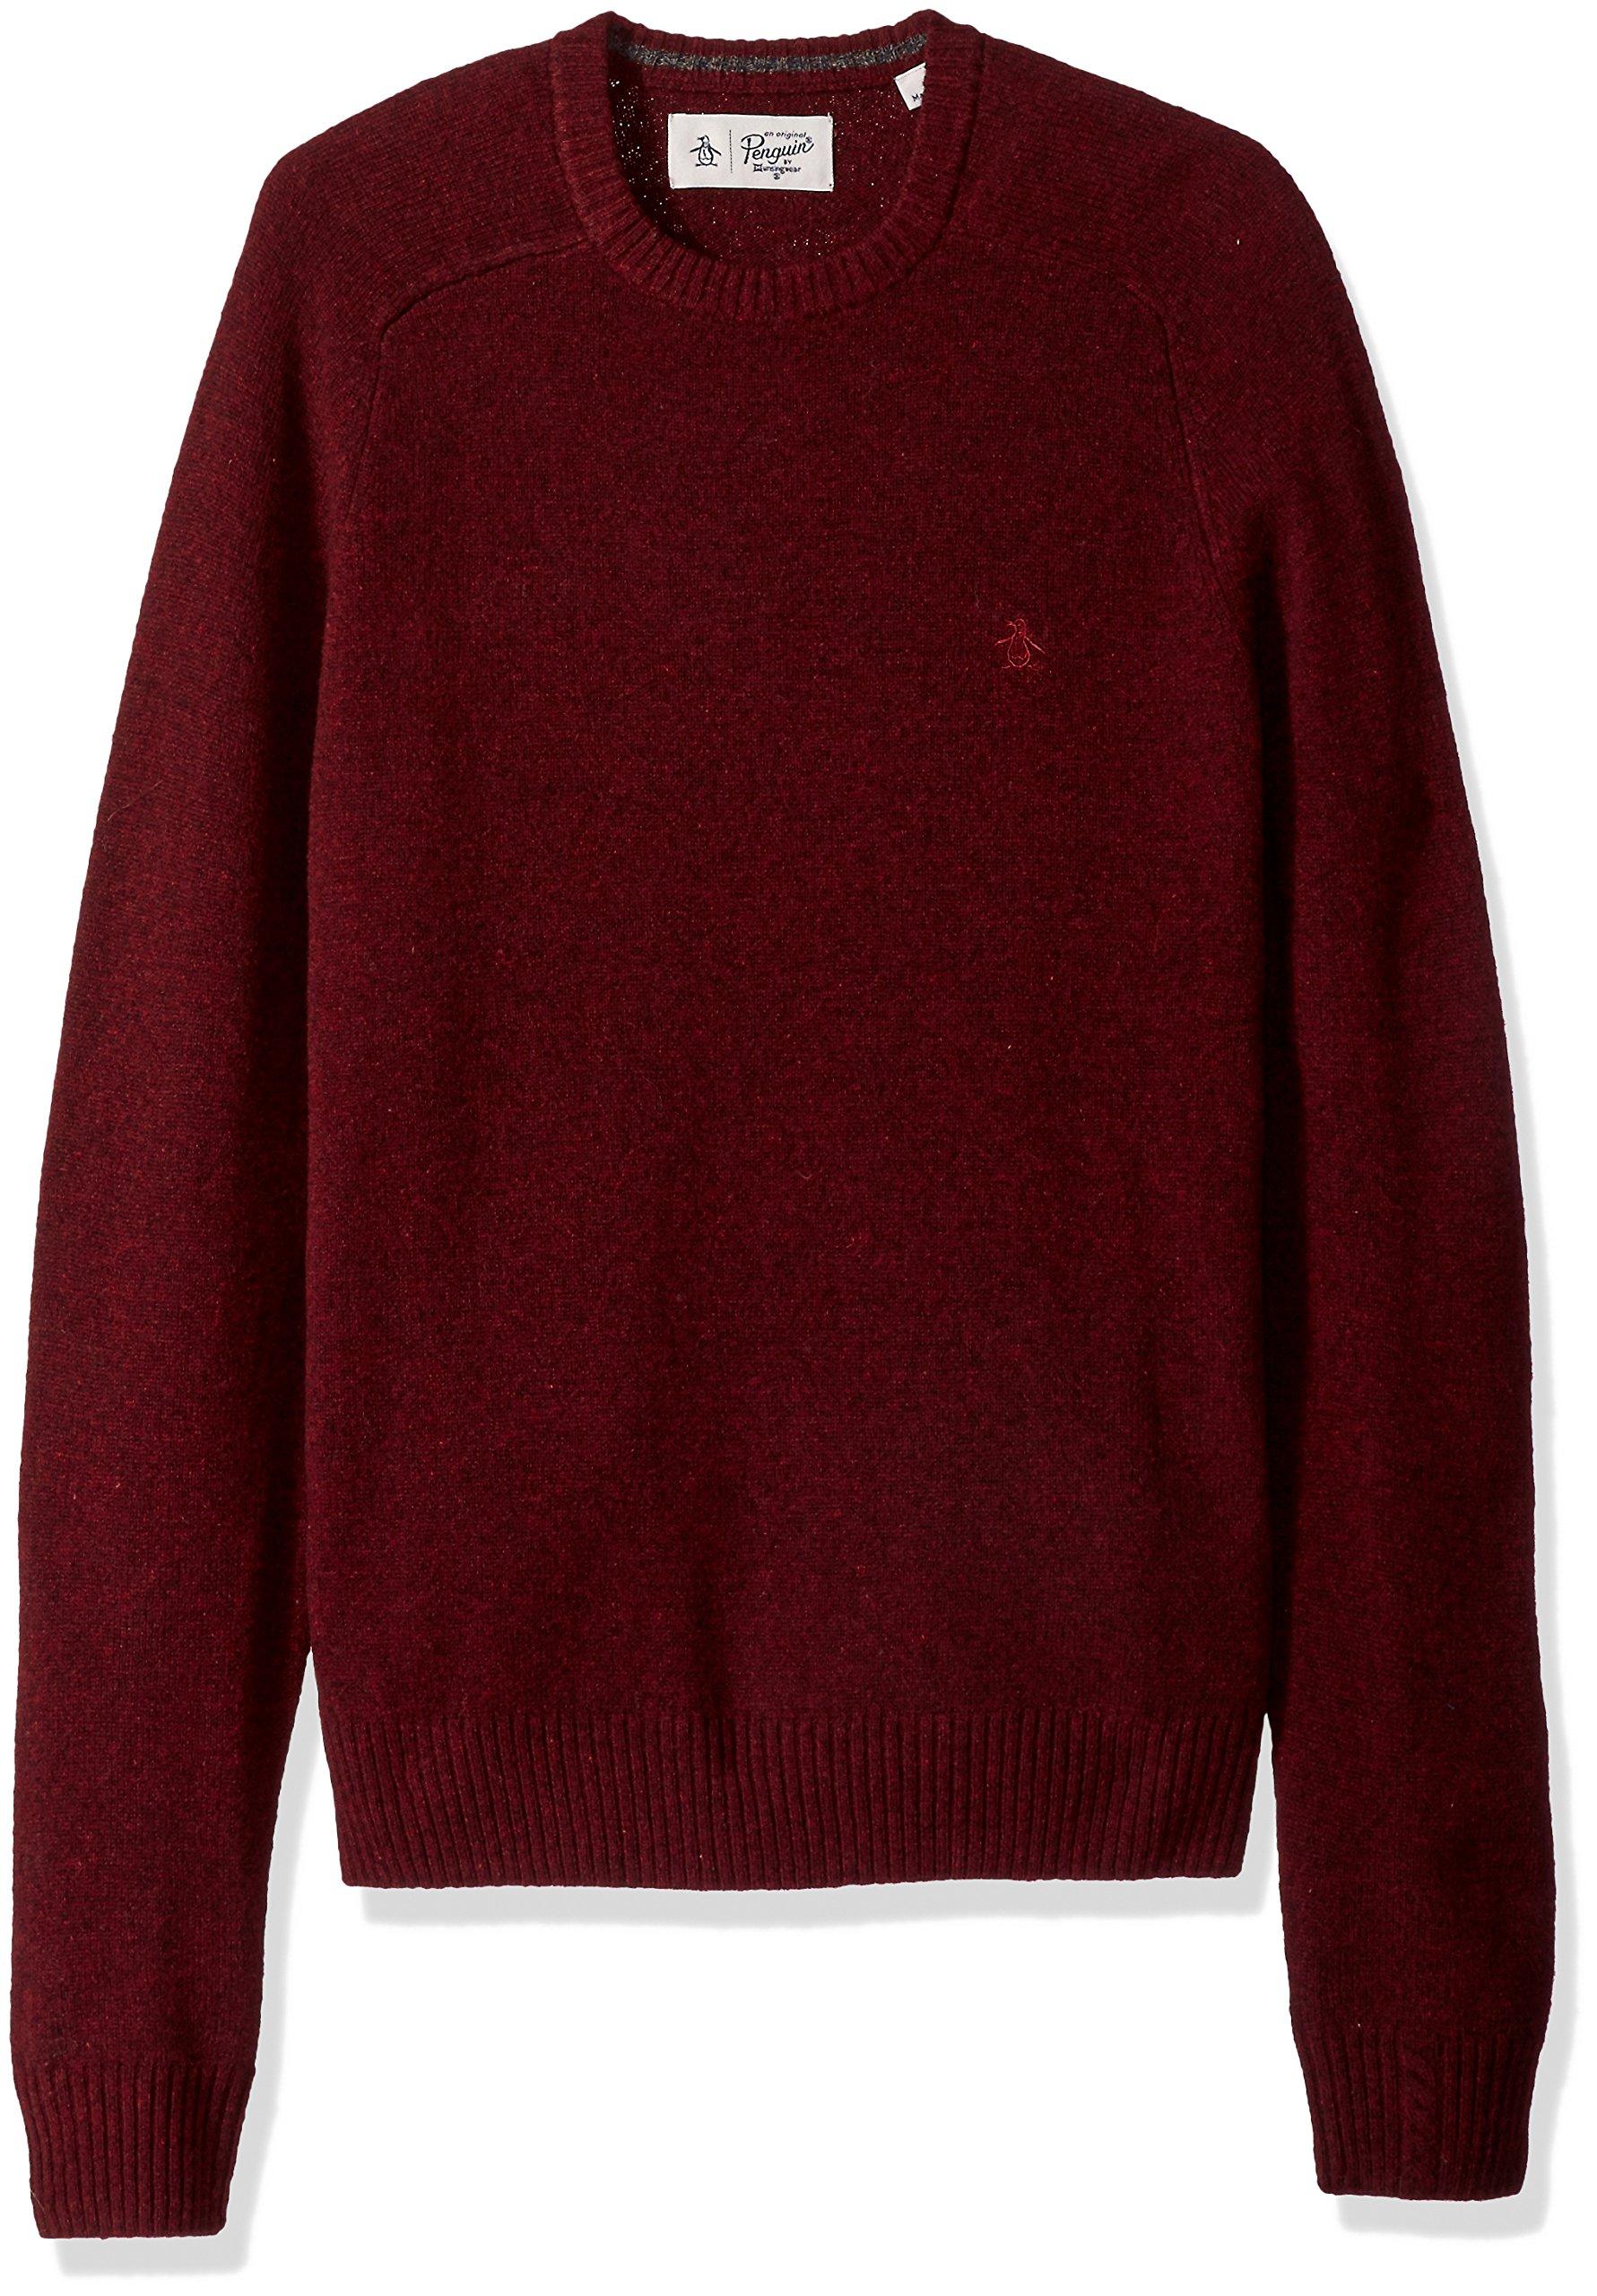 Original Penguin Men's Solid Lambswool Crew Sweater, Pomegranate, Medium